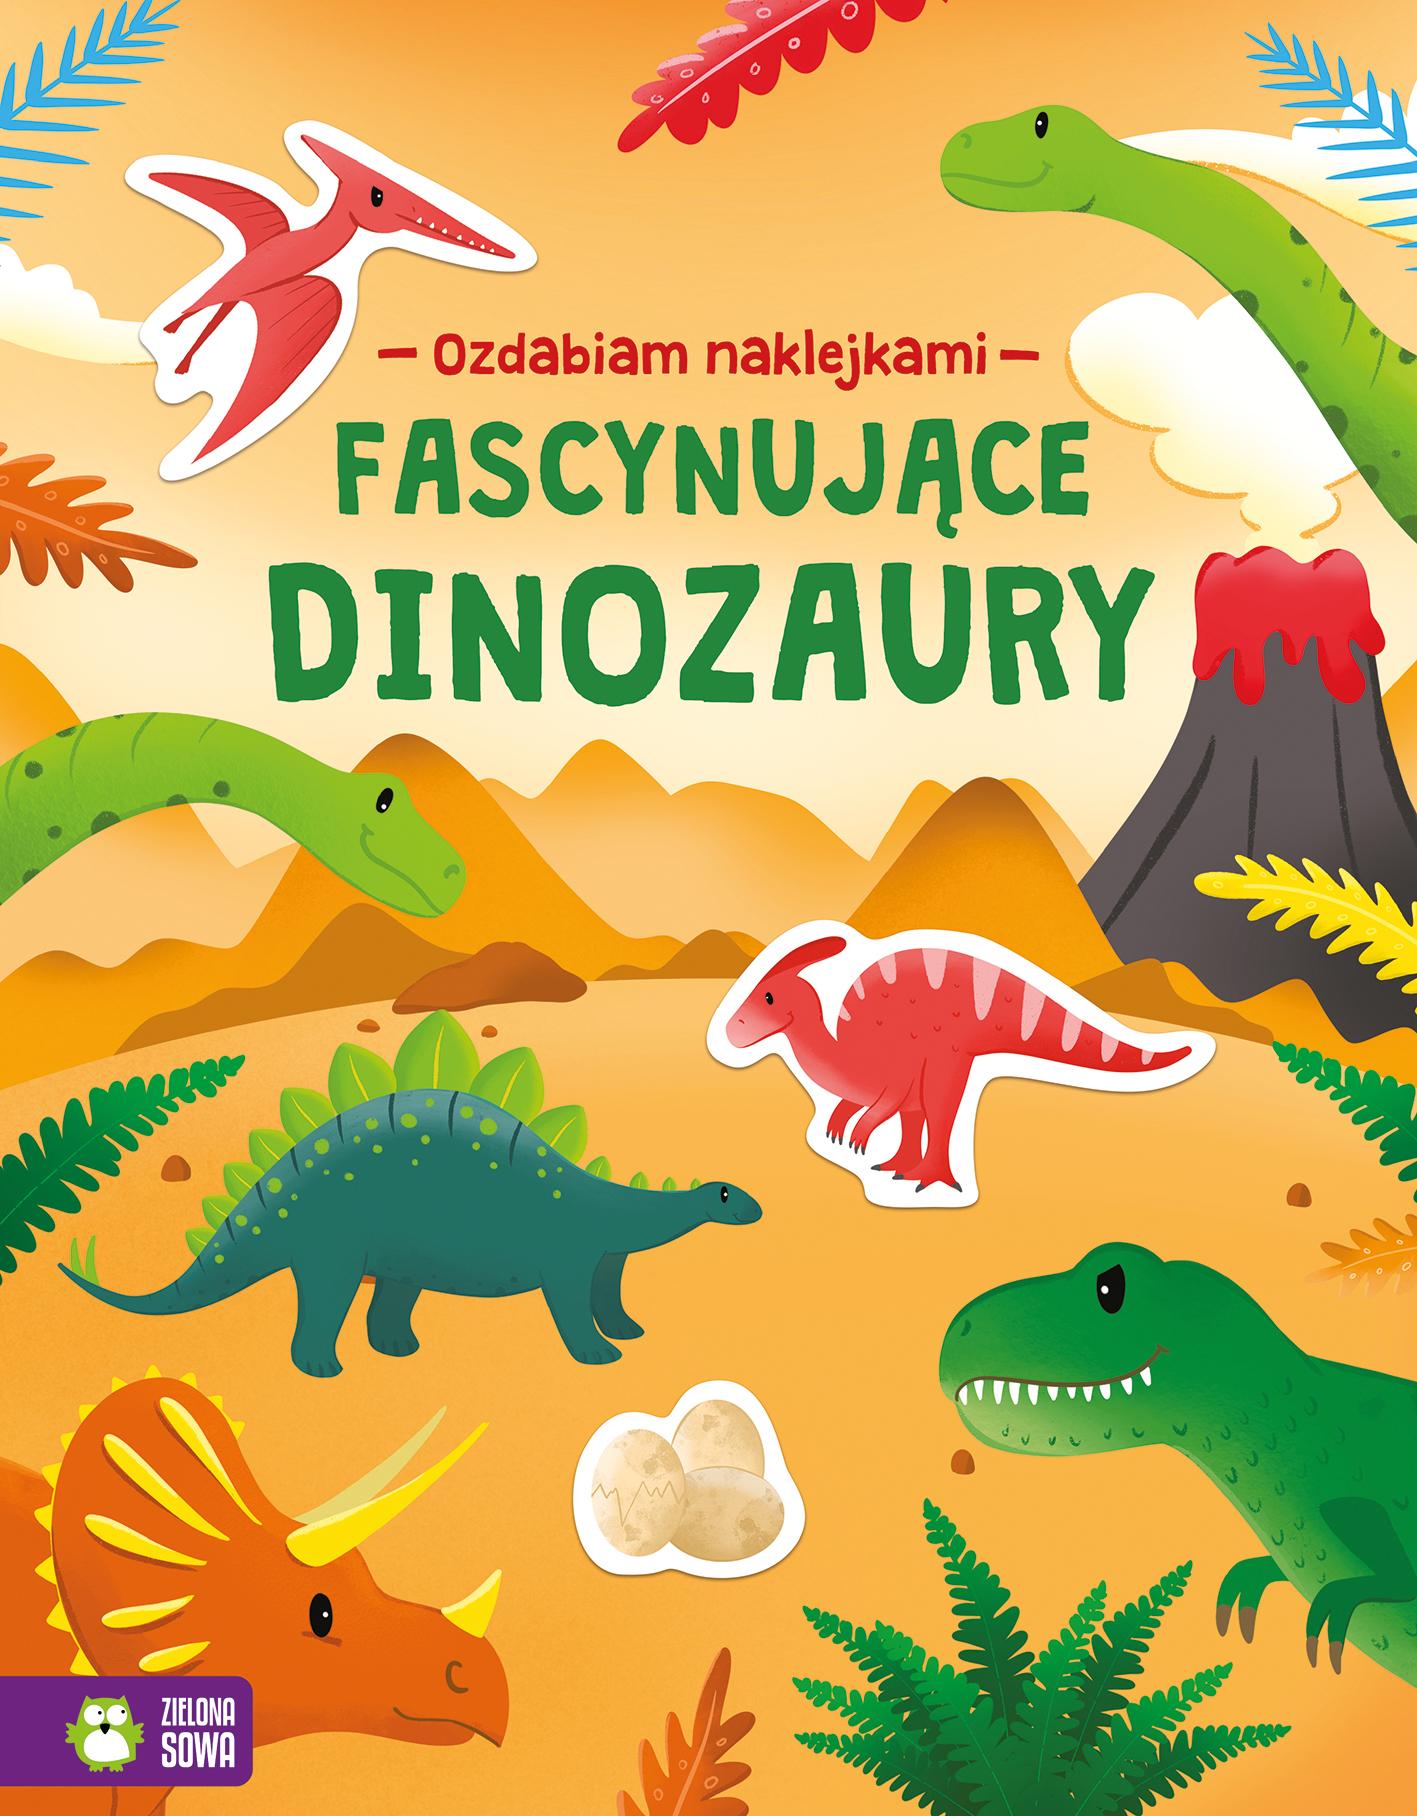 Fascynujące dinozaury. Ozdabiam naklejkami